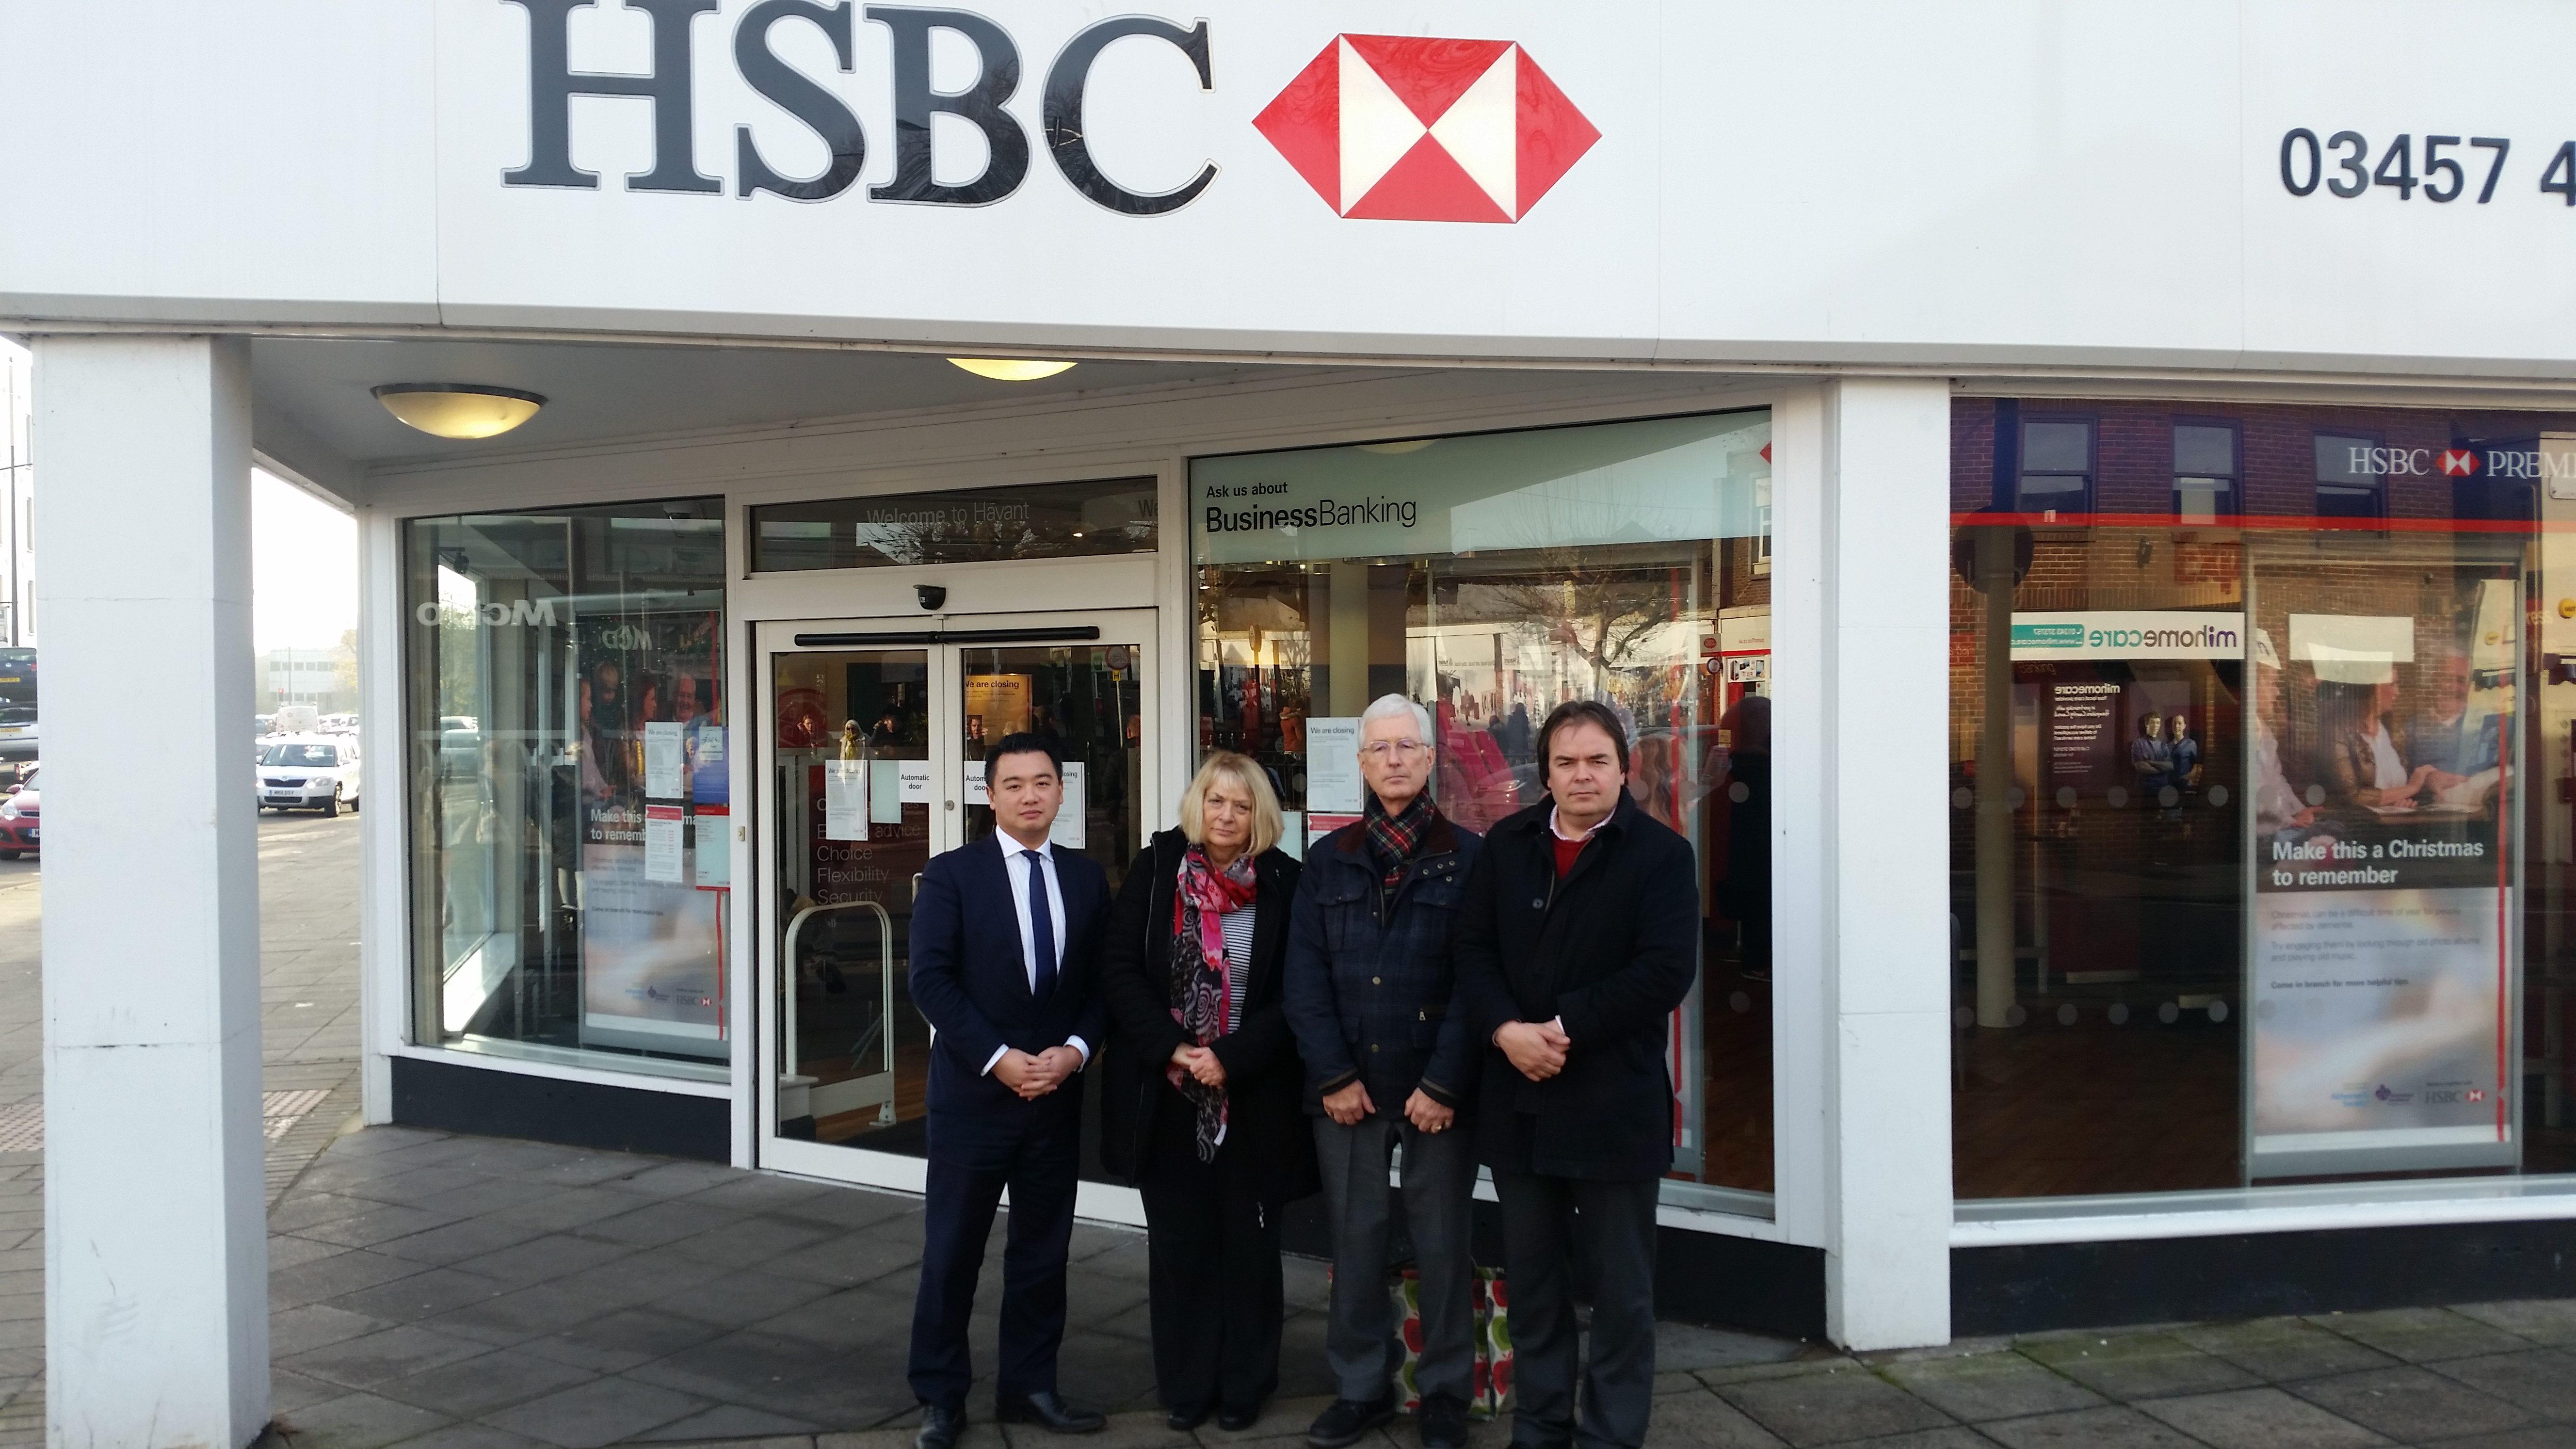 Havant HSBC bank closure | Alan Mak